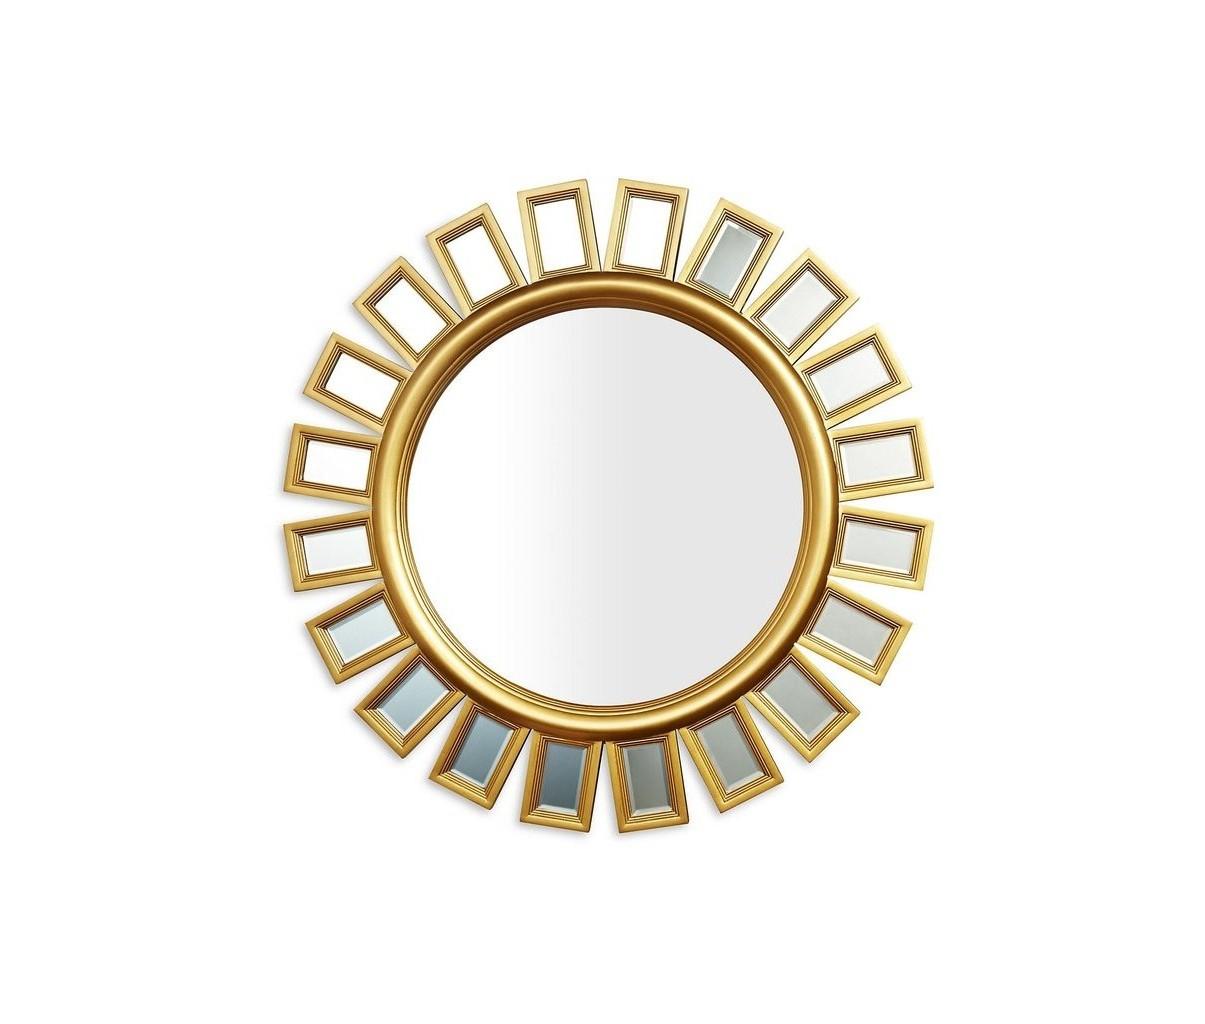 Зеркало ЭштонНастенные зеркала<br>&amp;lt;span style=&amp;quot;font-size: 14px;&amp;quot;&amp;gt;Крепления входят в стоимость.&amp;lt;/span&amp;gt;<br><br>Material: Пластик<br>Depth см: 4.5<br>Diameter см: 86